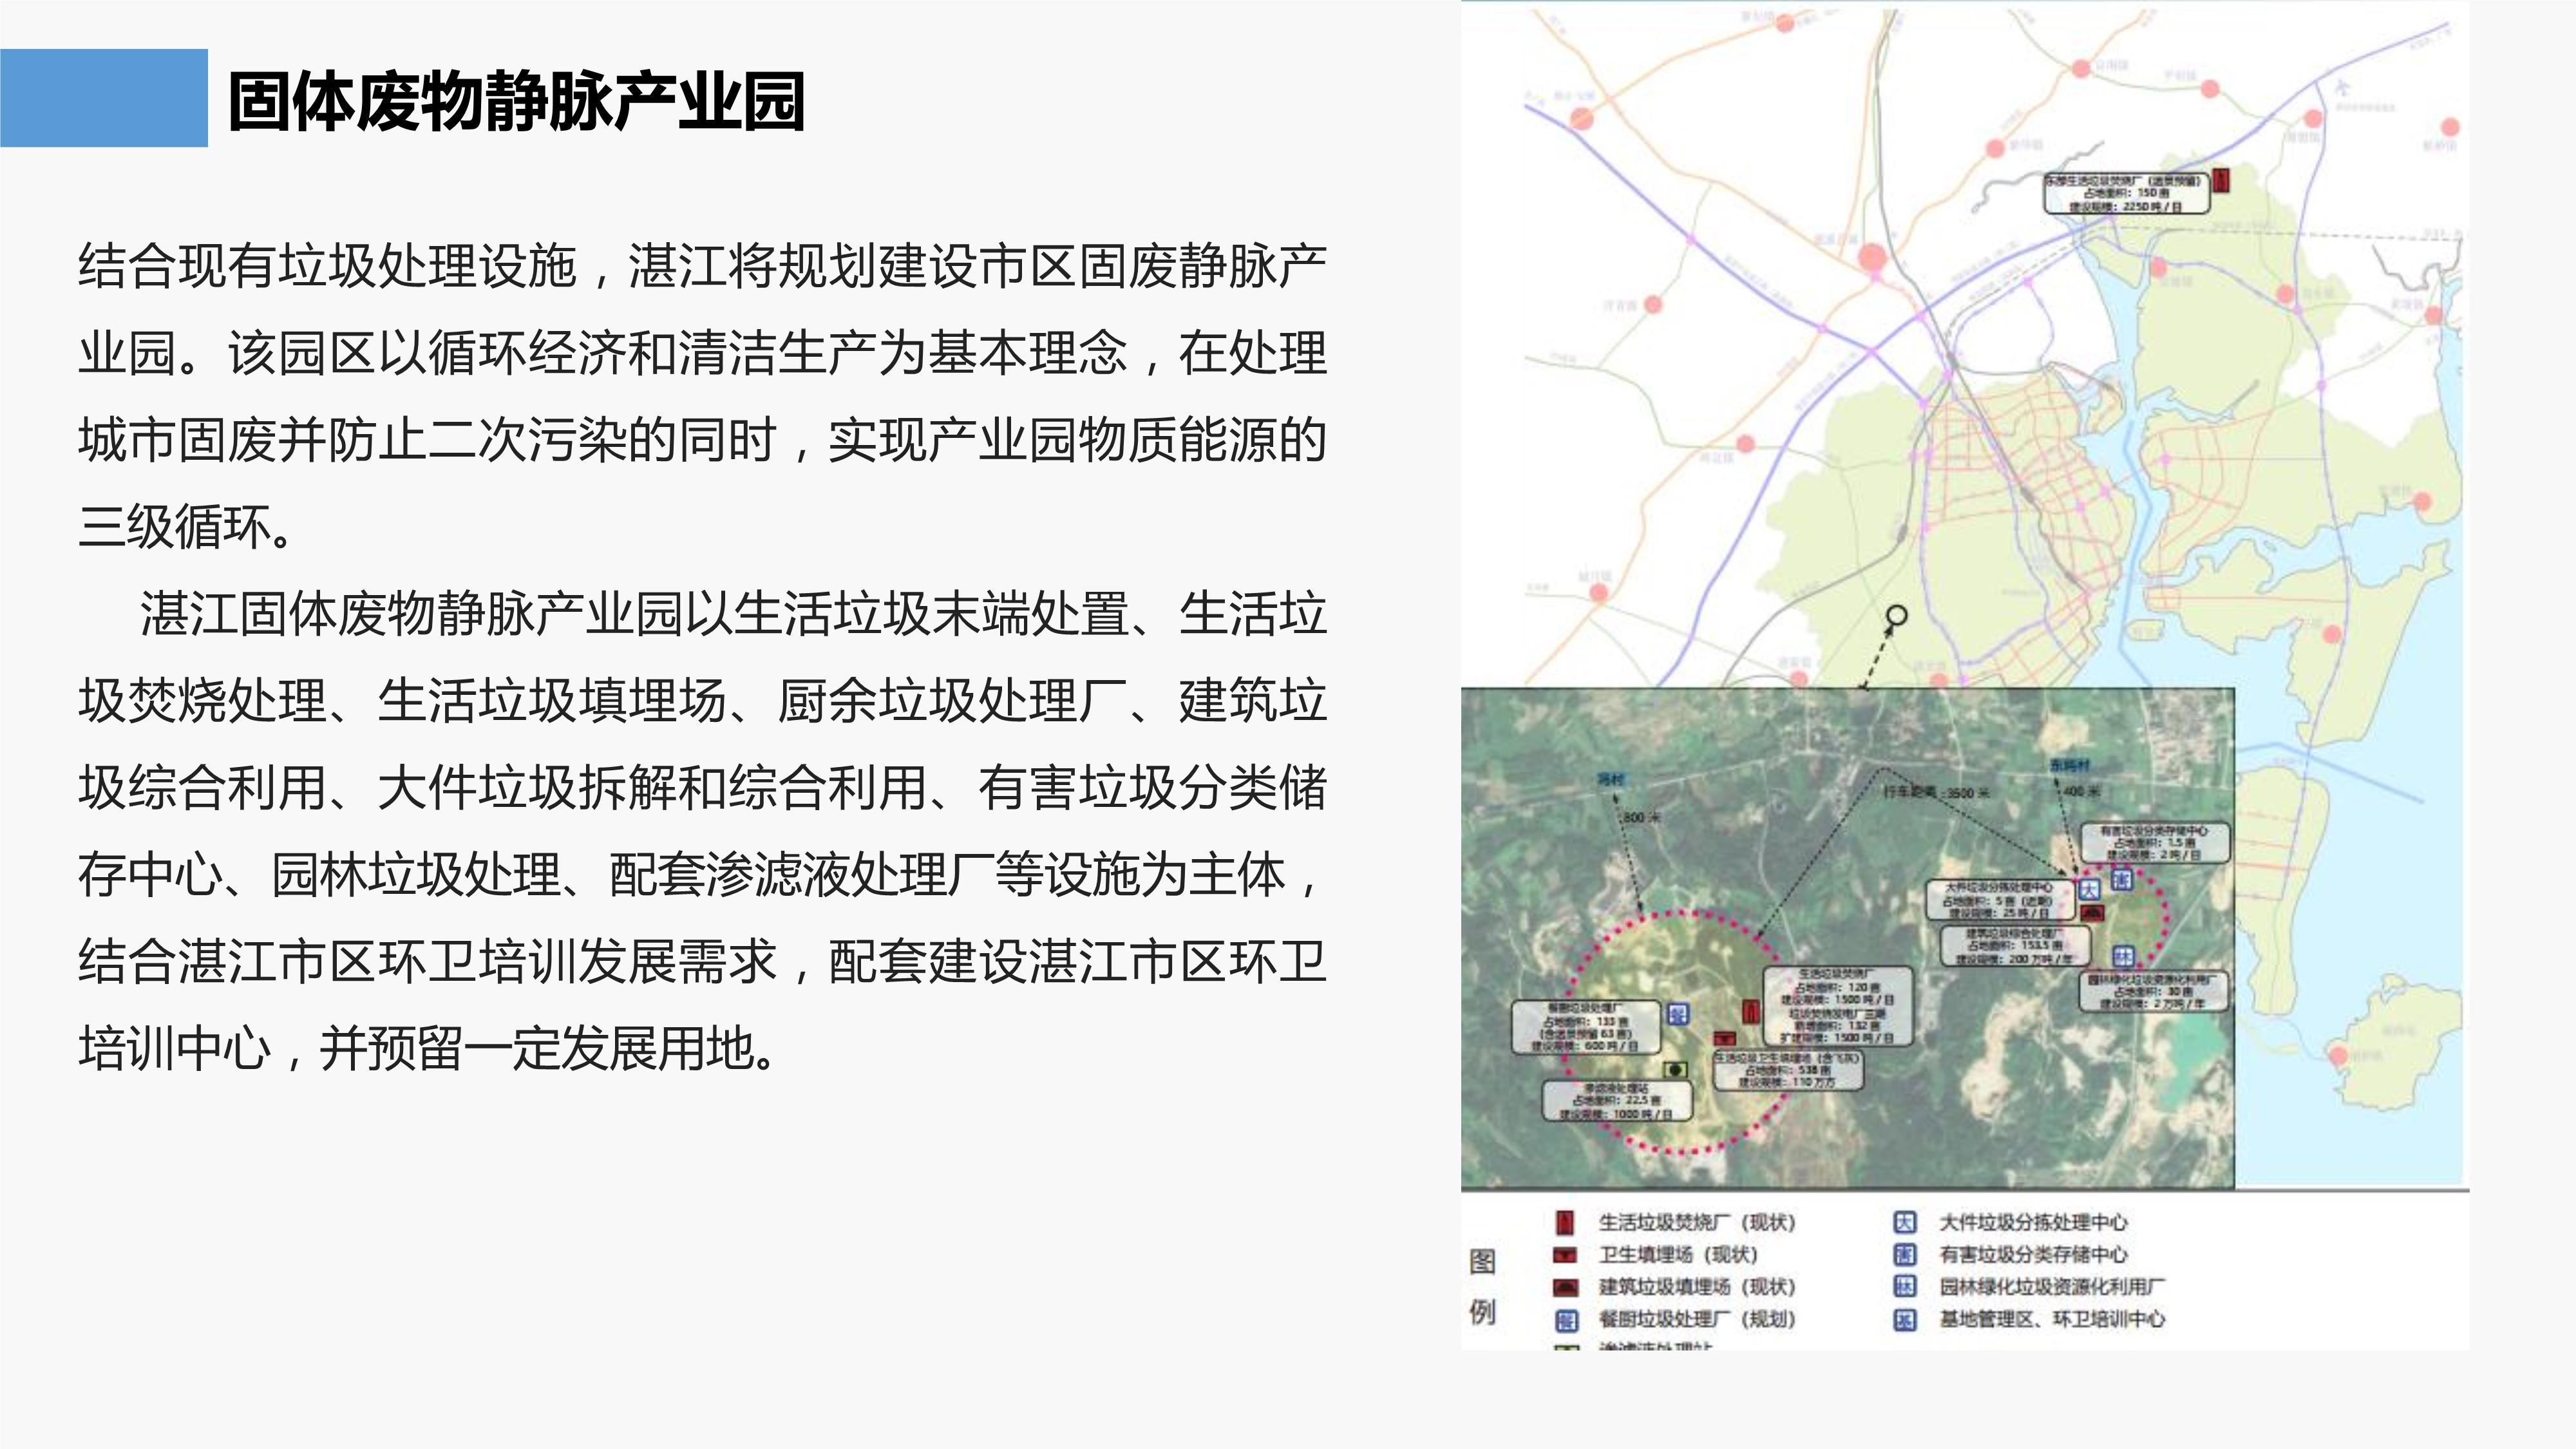 湛江市区生活垃圾分类专项规划(2020-2035年)政策解读(1)_8.jpg